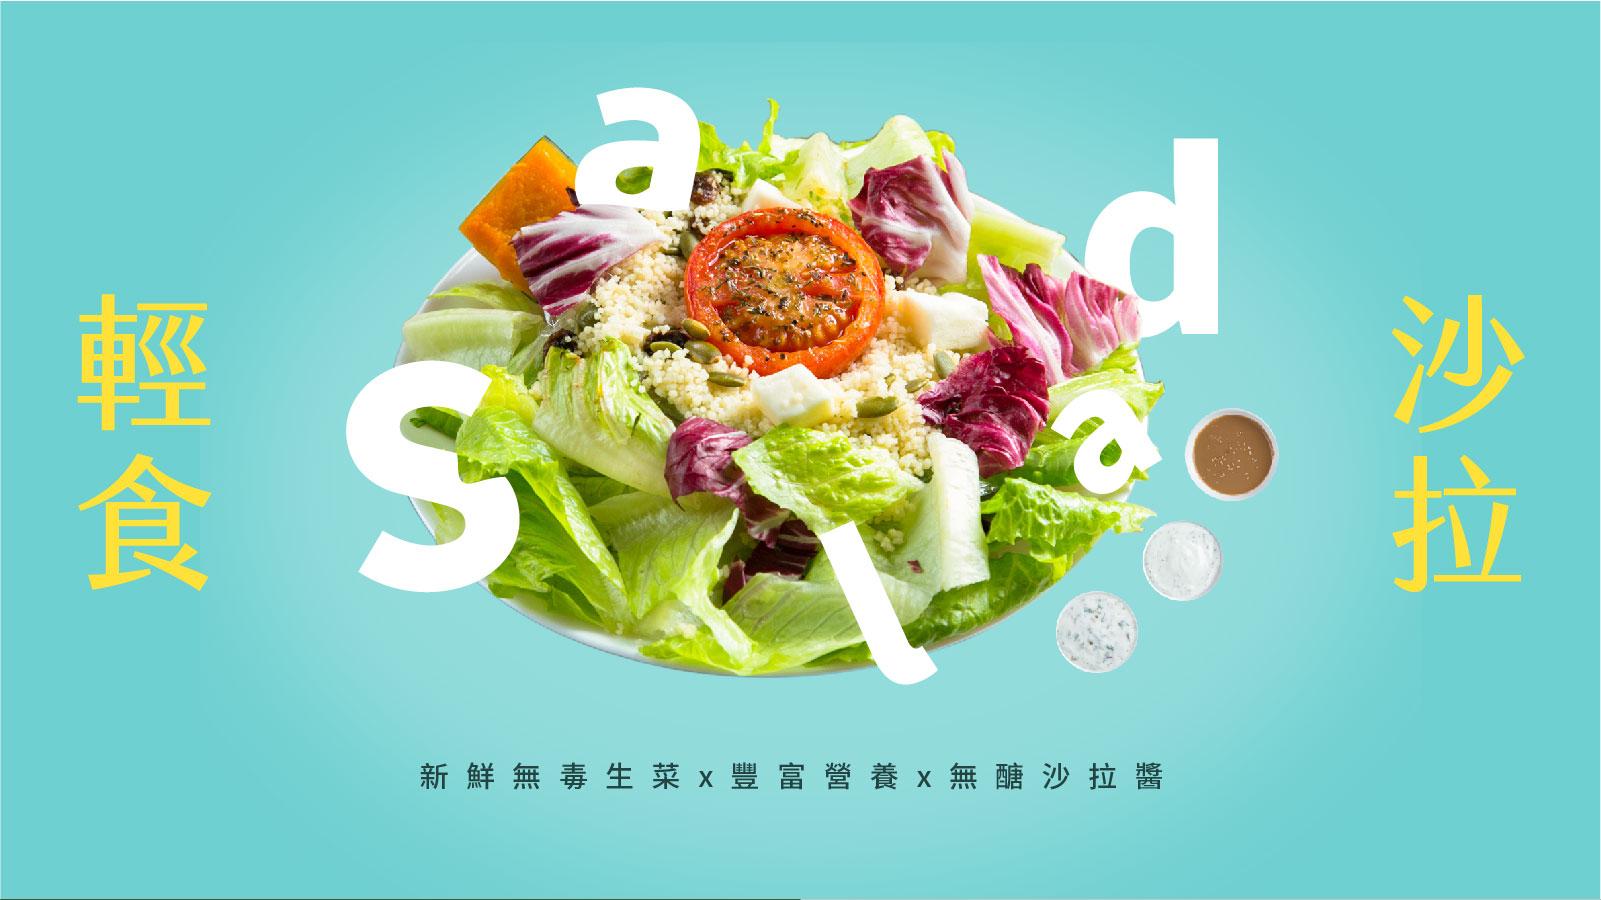 台北市-大安區-東門-常常好食健康制作所-輕食沙拉-新鮮無毒生菜-豐富營養-無醣沙拉醬